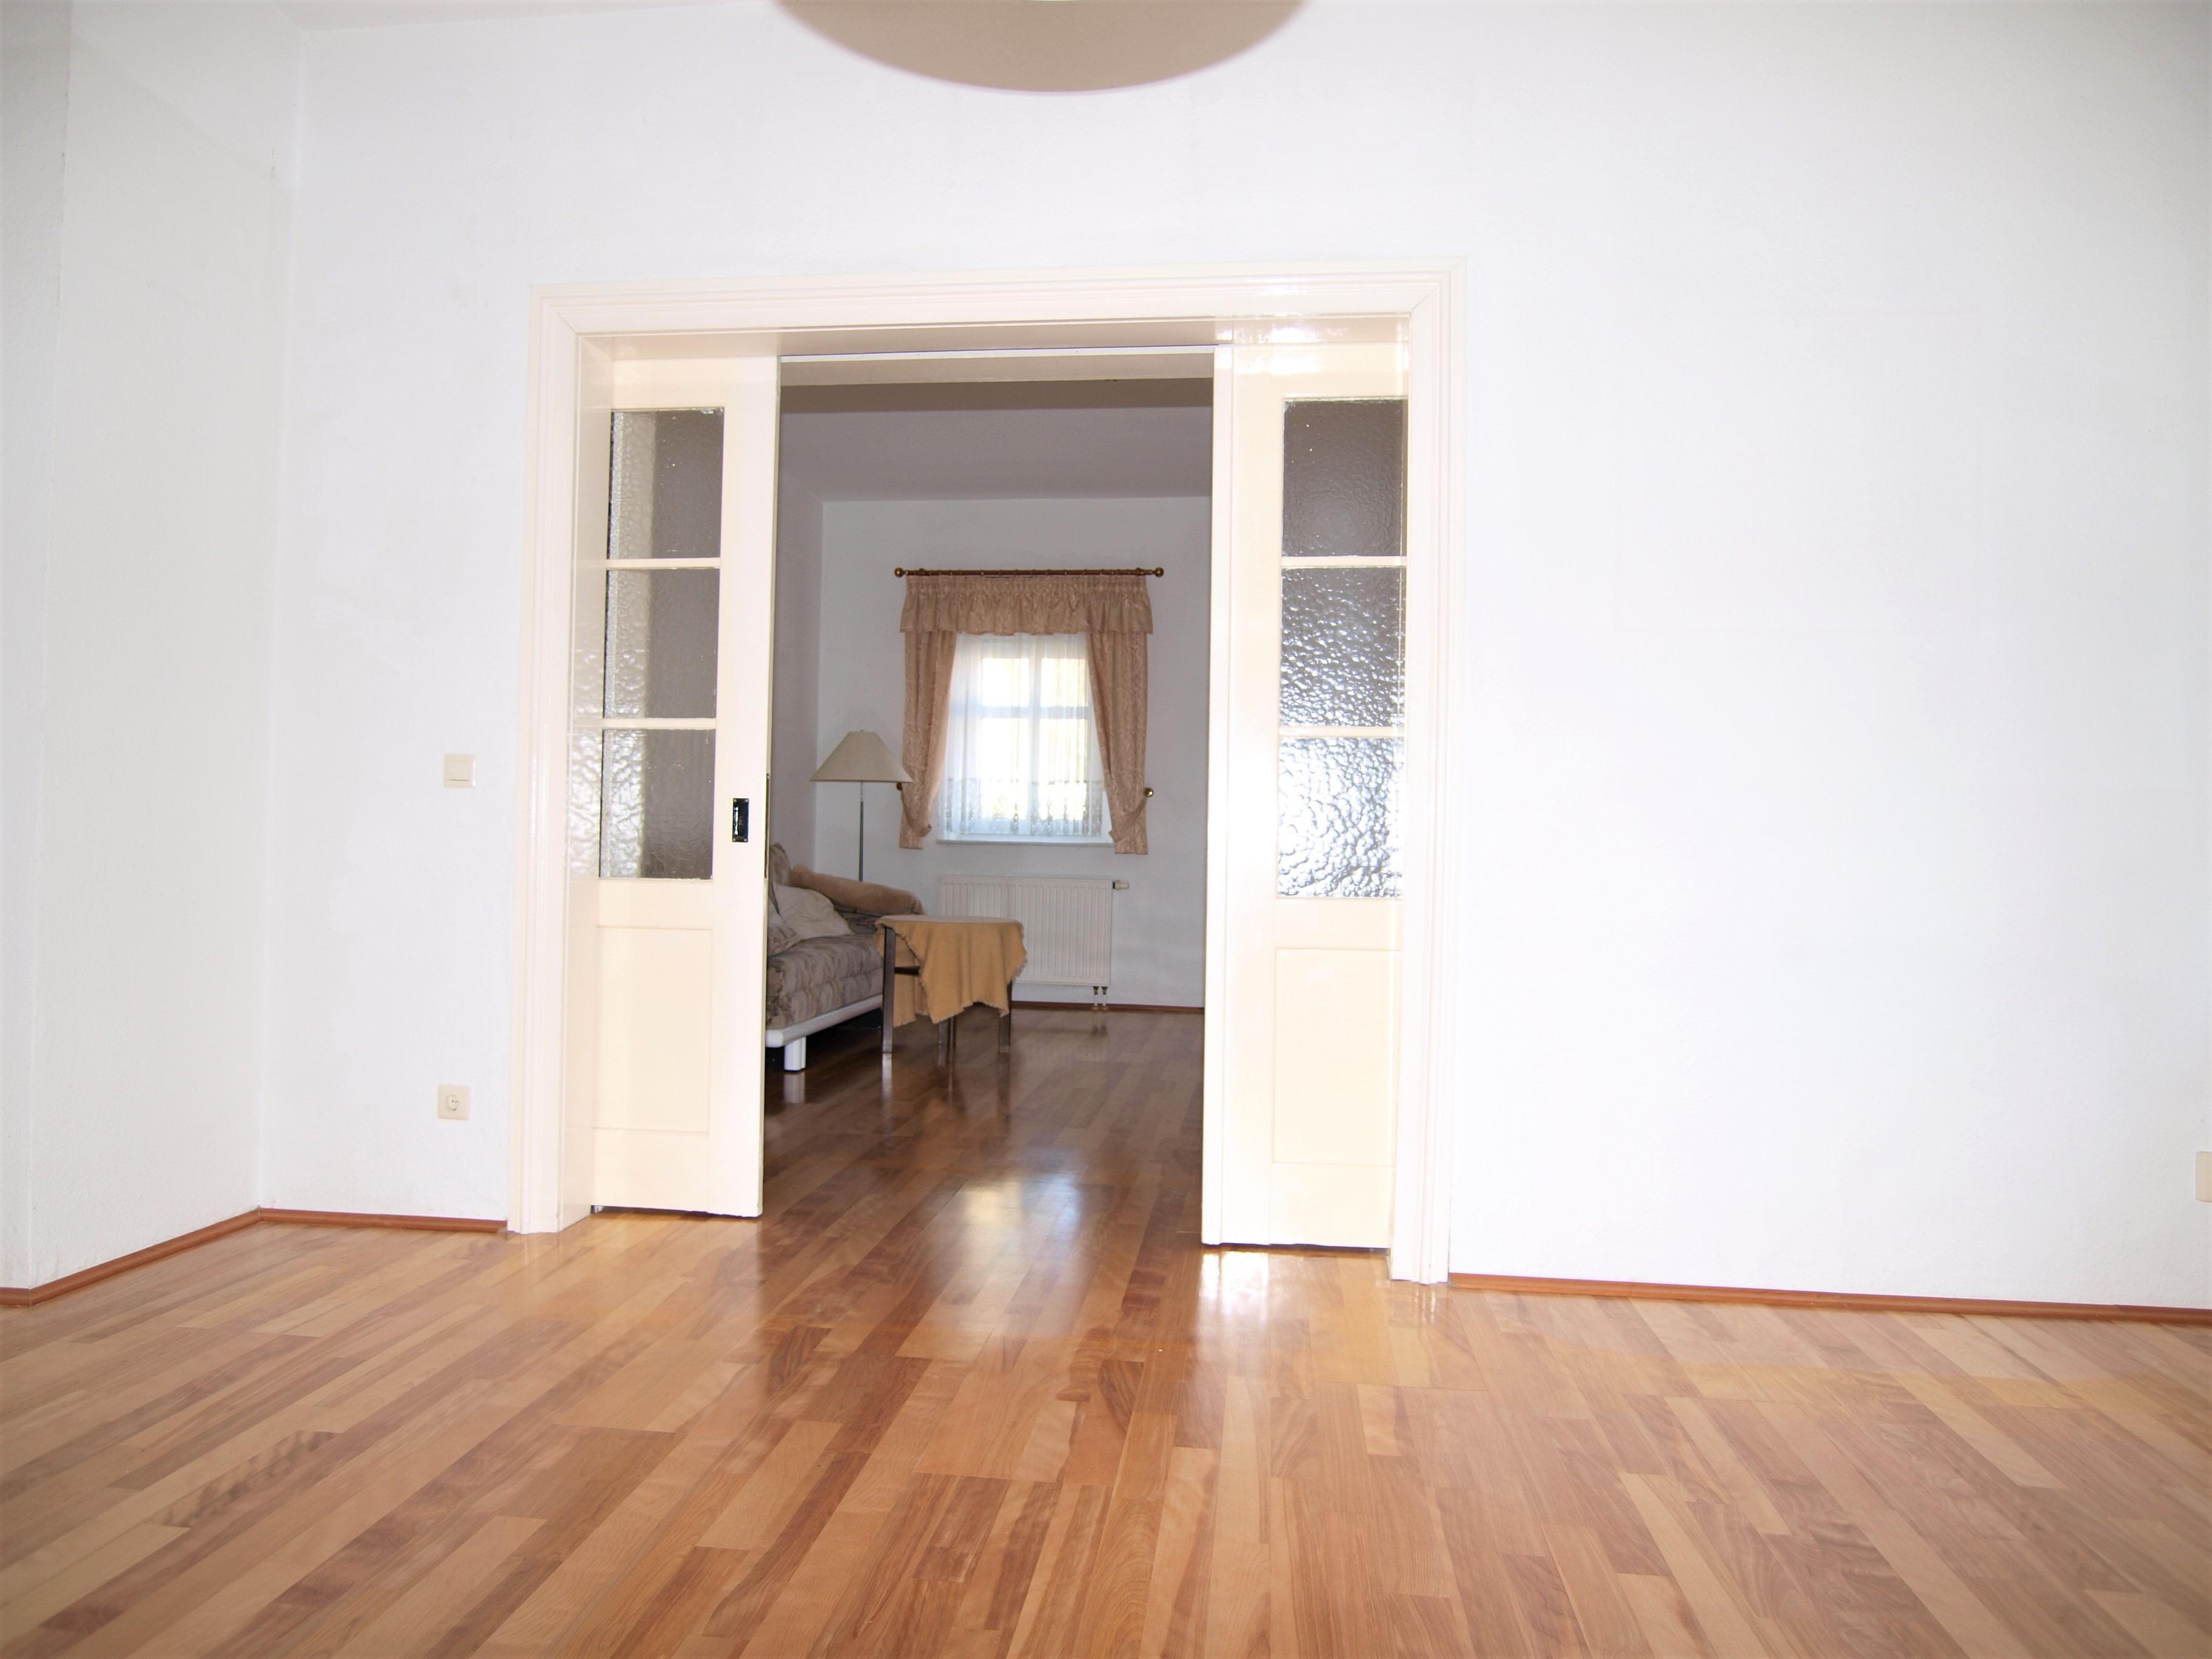 Eigentumswohnung Halle - 2 Wohnzimmer mit Parkett verbunden mit einer Schiebetür -